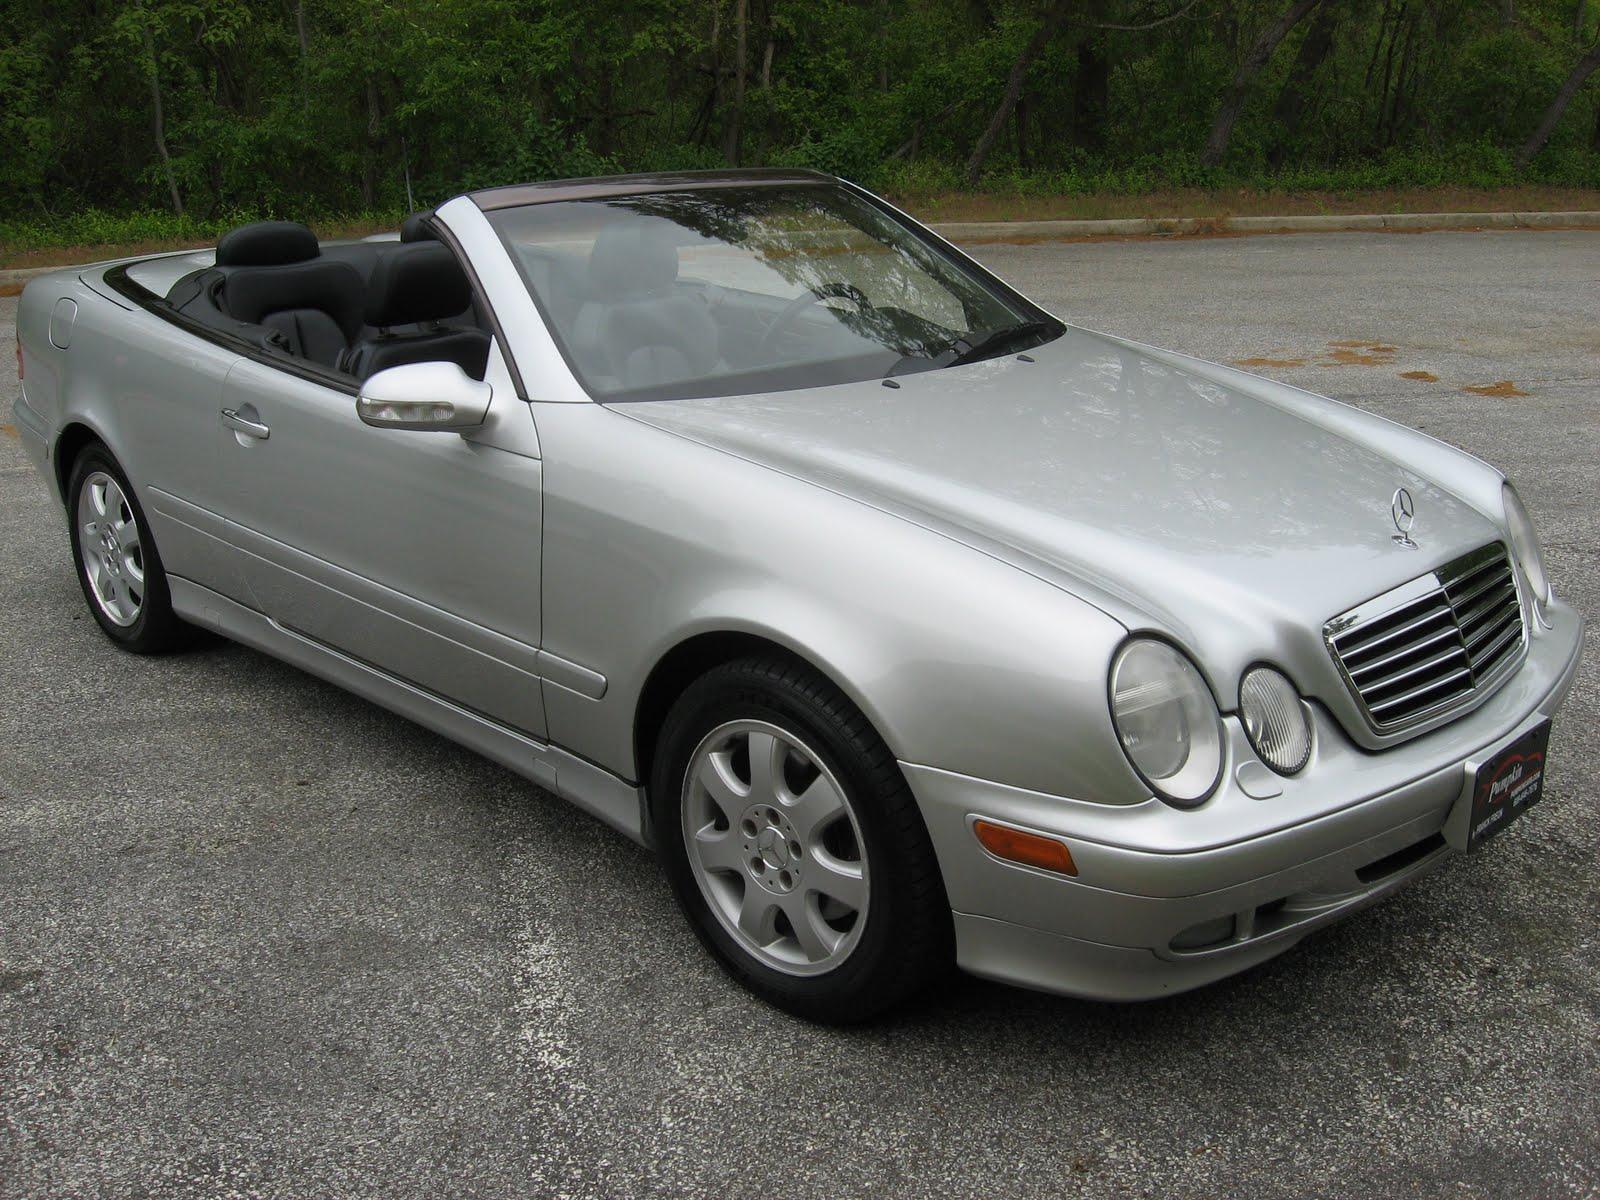 Pumpkin fine cars and exotics 2003 mercedes benz clk320 for 2003 mercedes benz clk 320